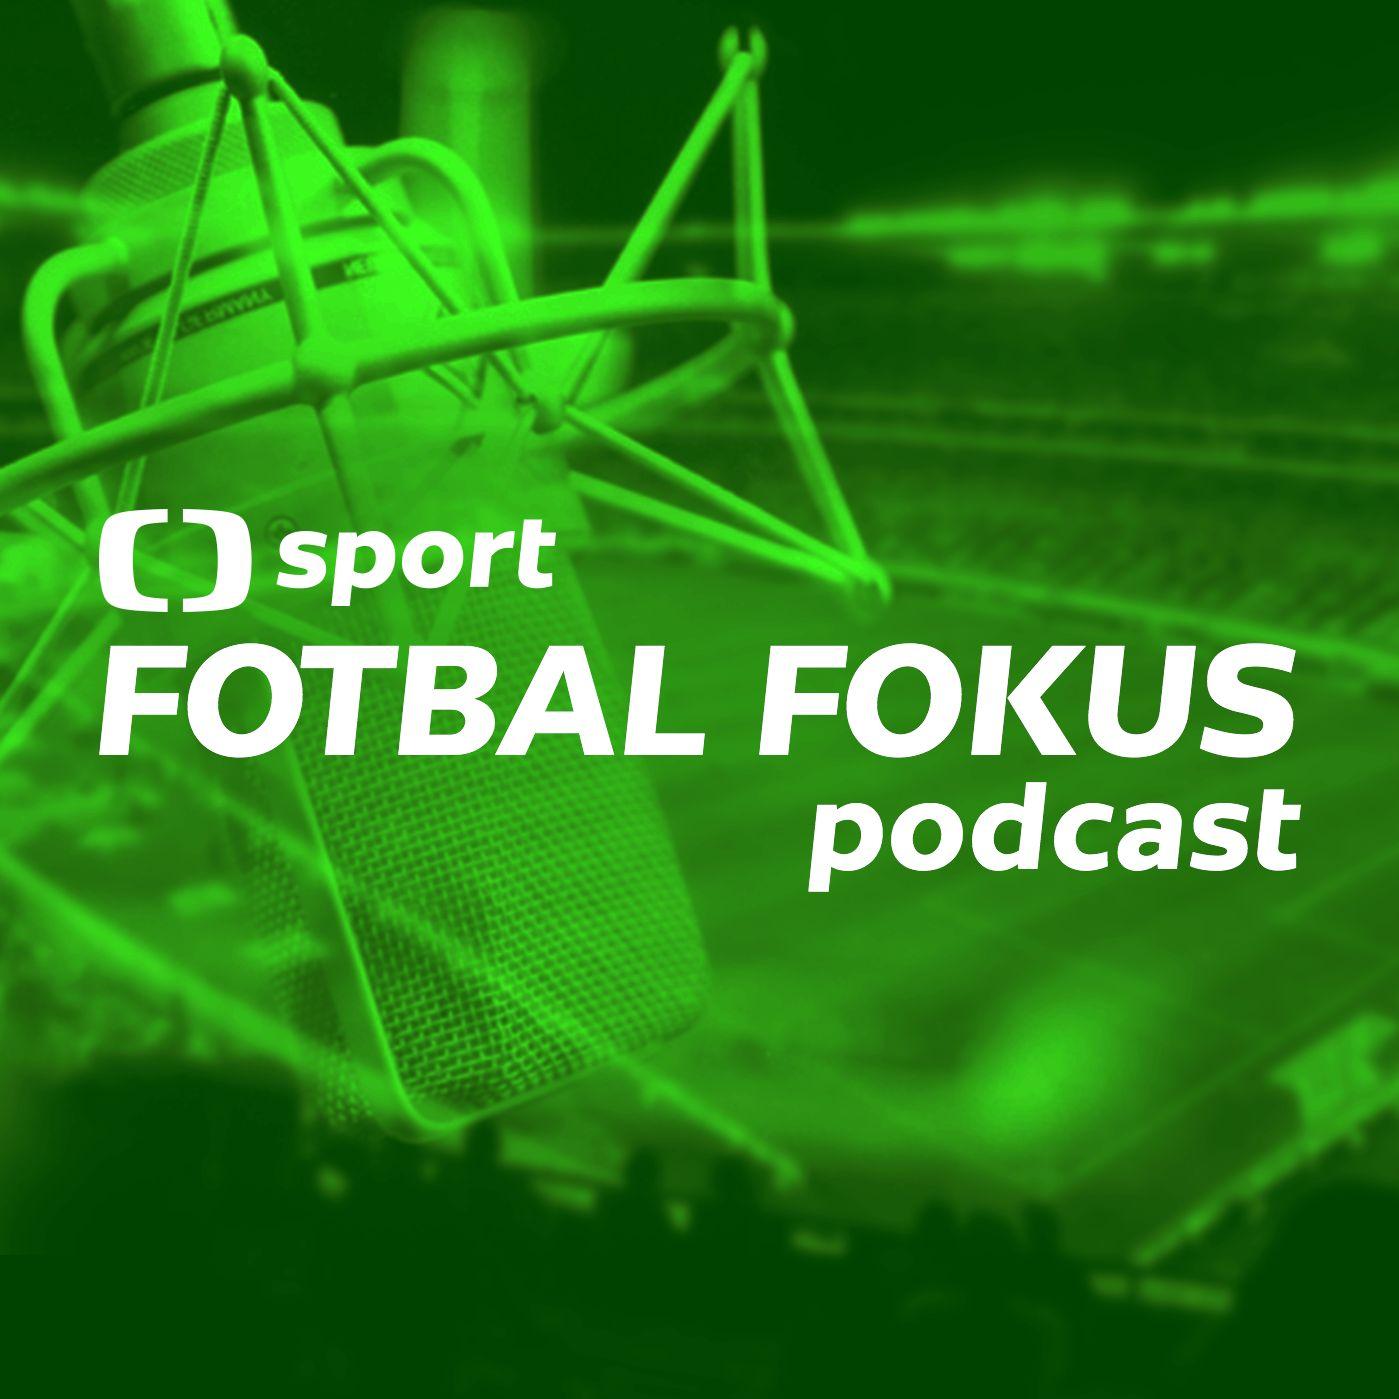 Fotbal fokus podcast: Dokáže Spartu pozvednout smršť zahraničních posil?